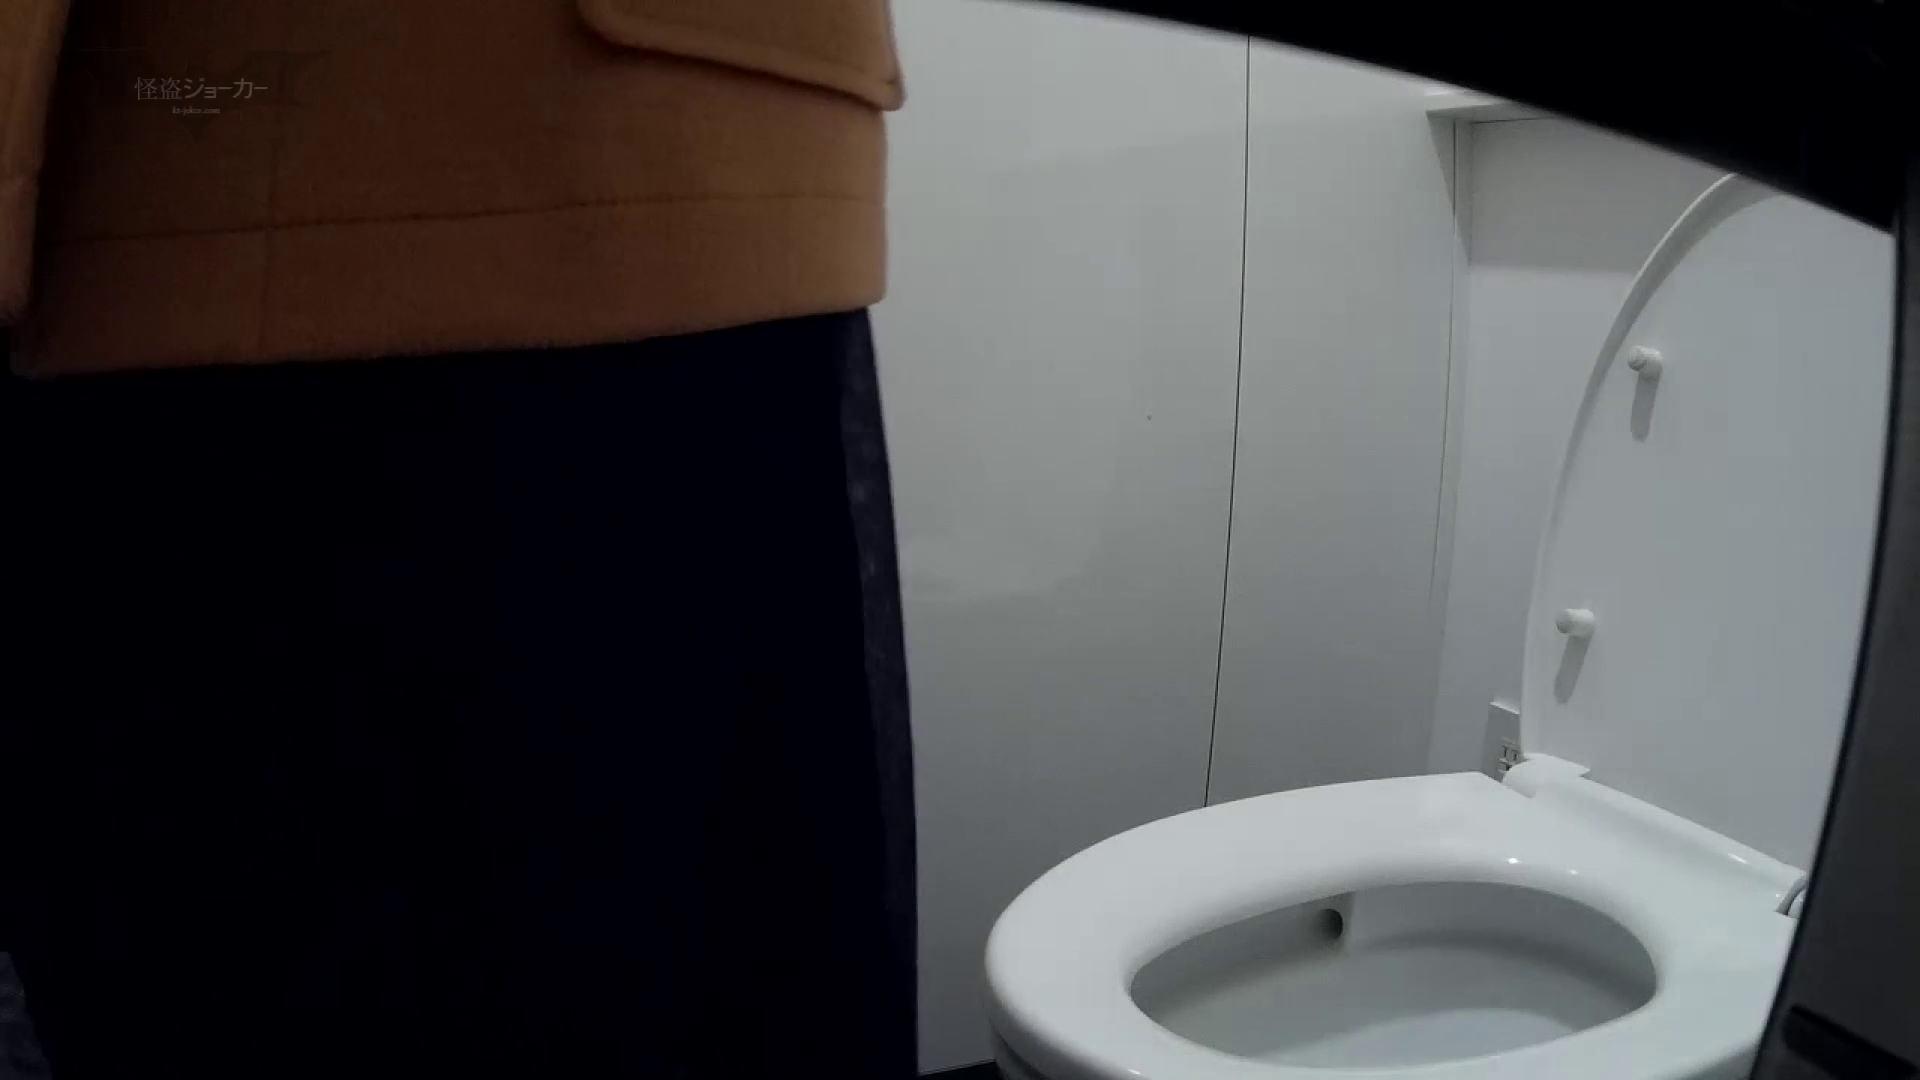 有名大学女性洗面所 vol.57 S級美女マルチアングル撮り!! マルチアングル  80PIX 38